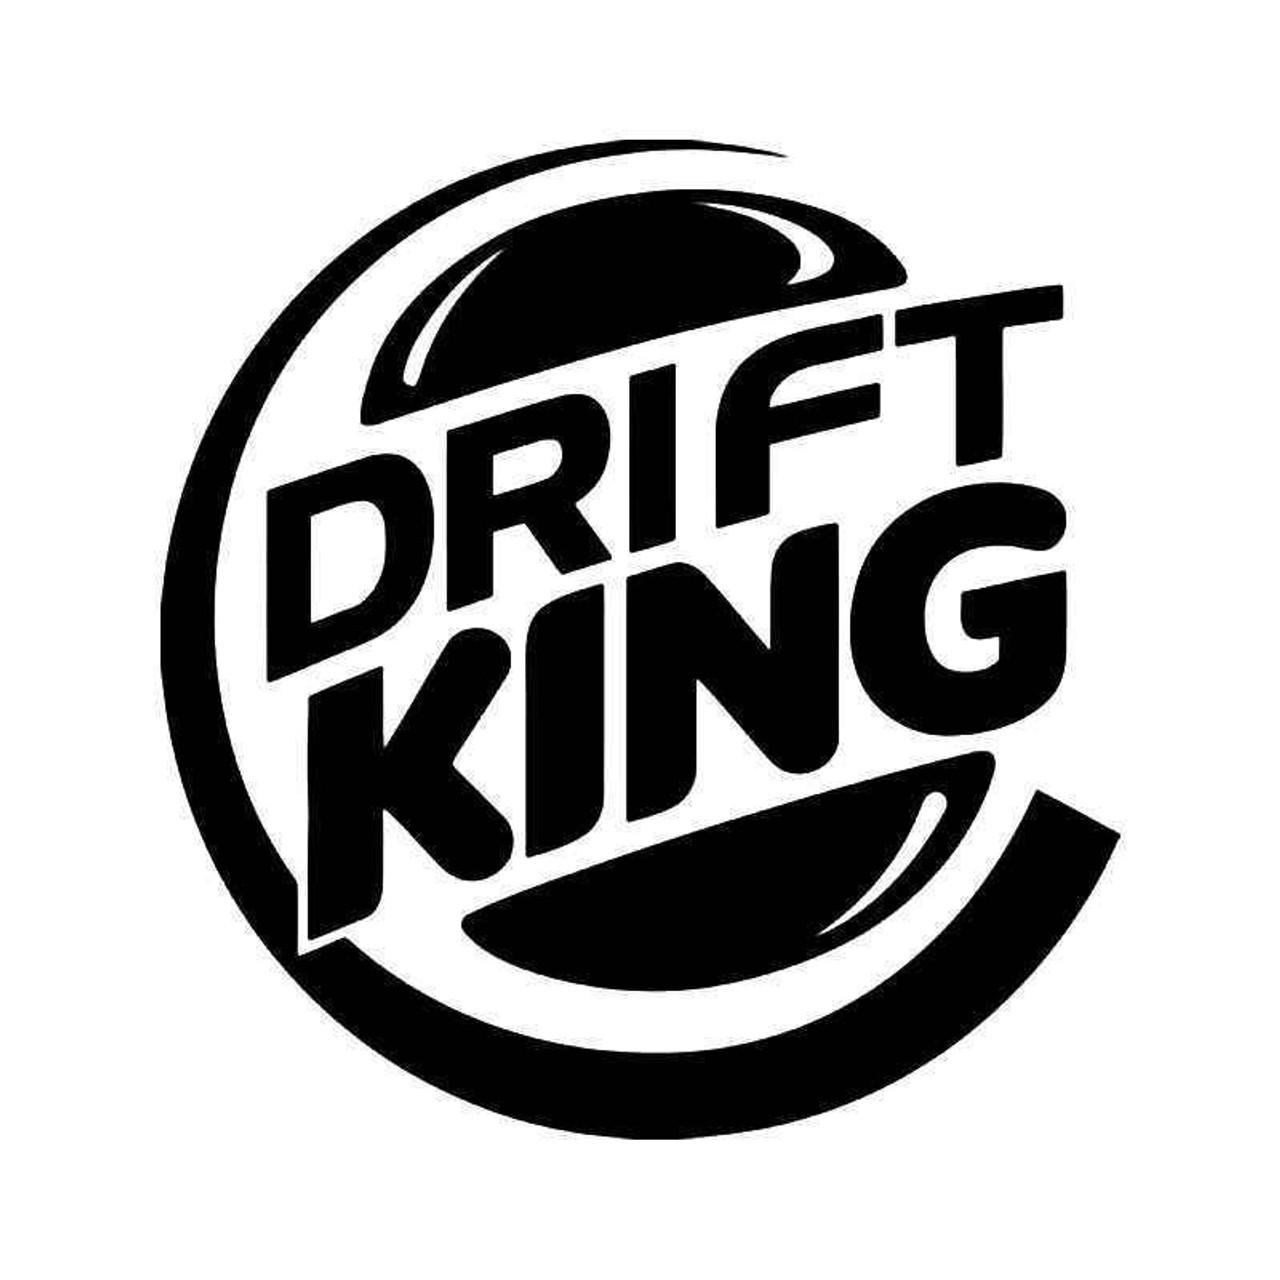 Drift King Burger Jdm Japanese Vinyl Sticker